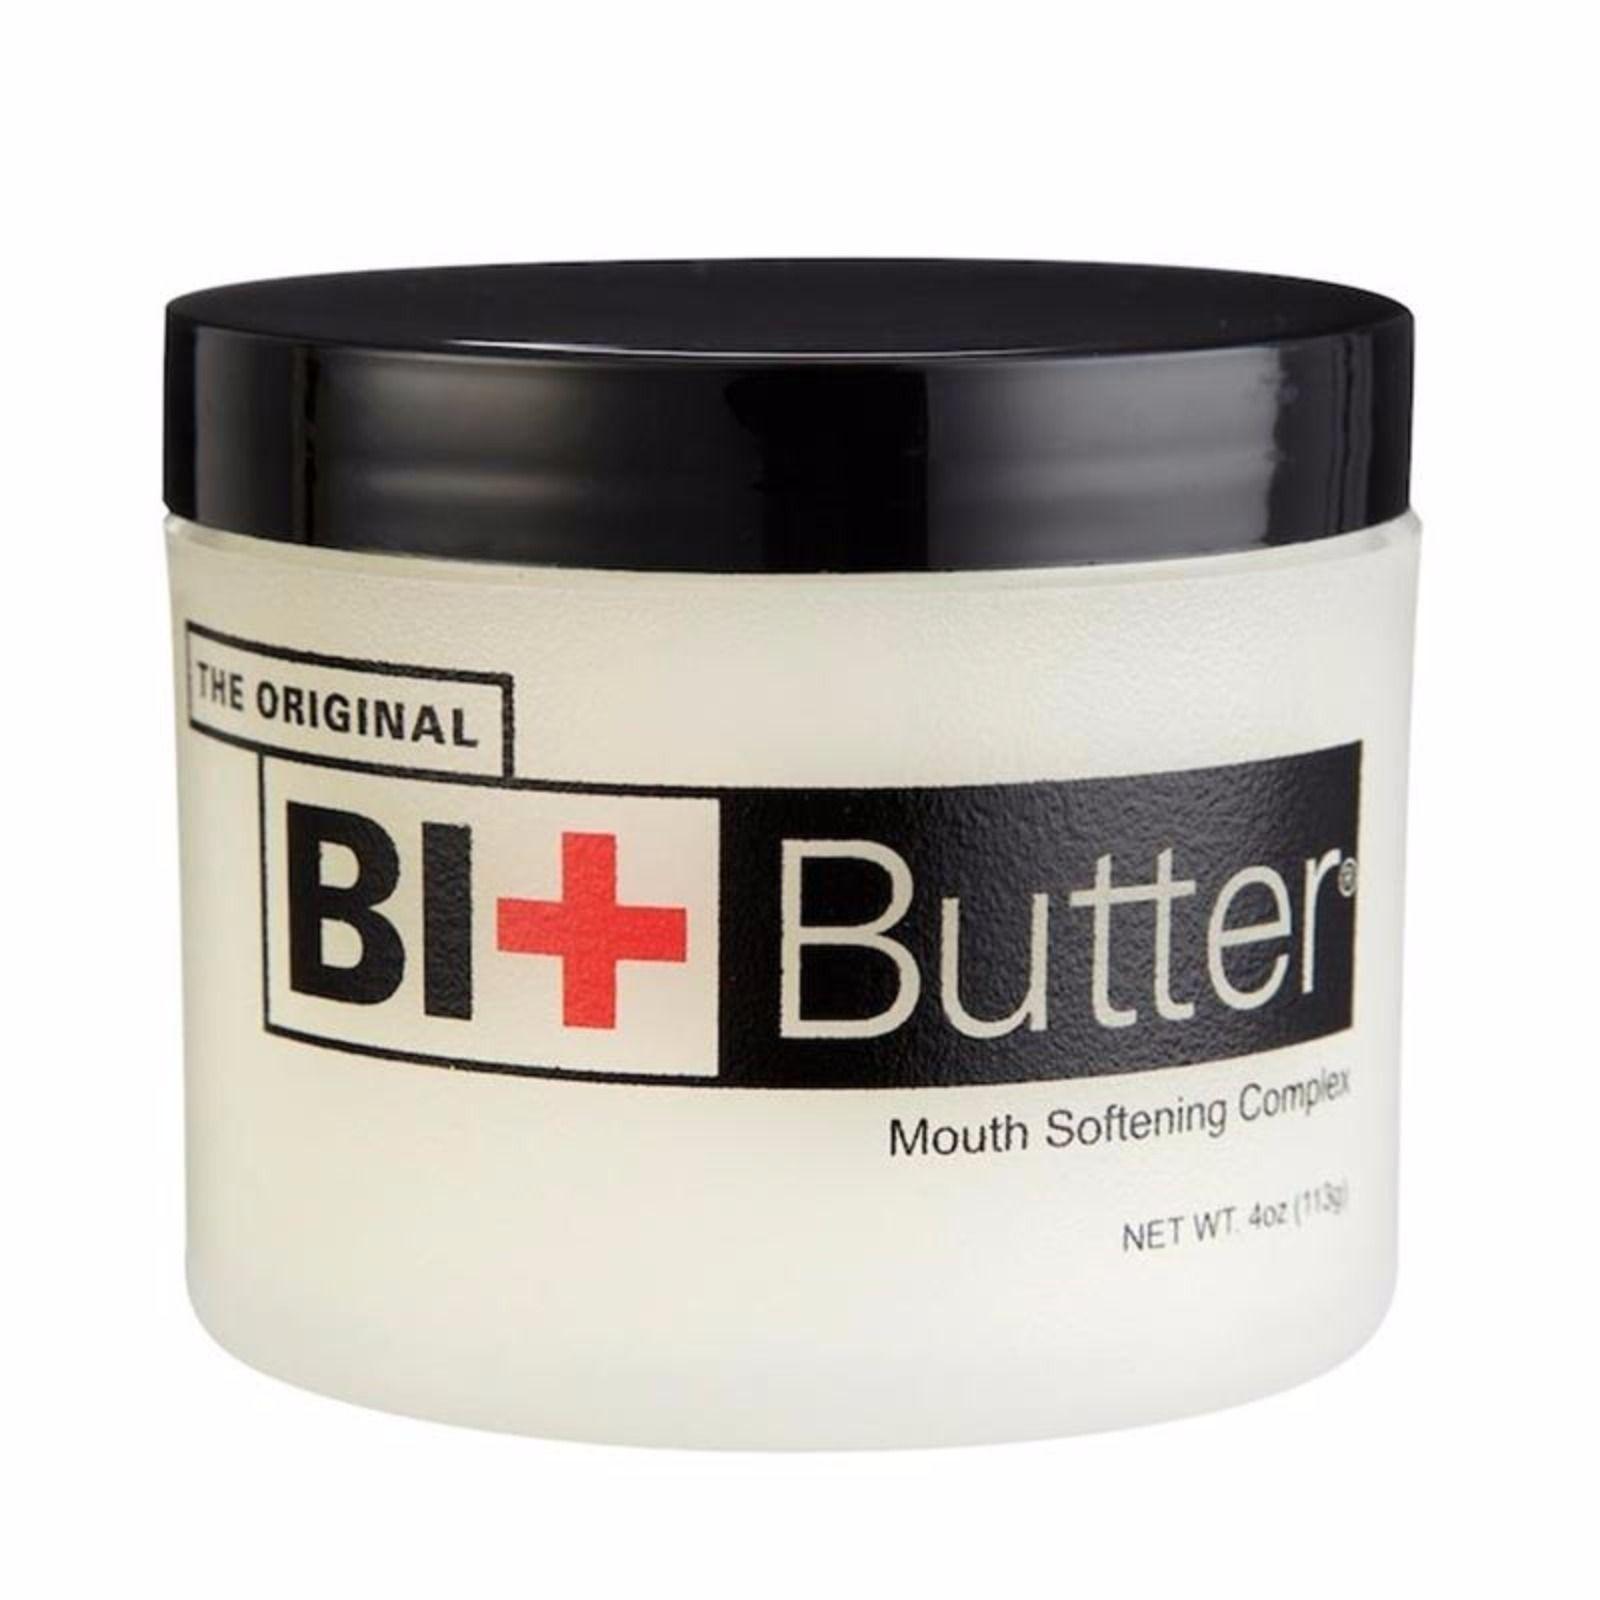 Bit Butter 4oz/ 113g